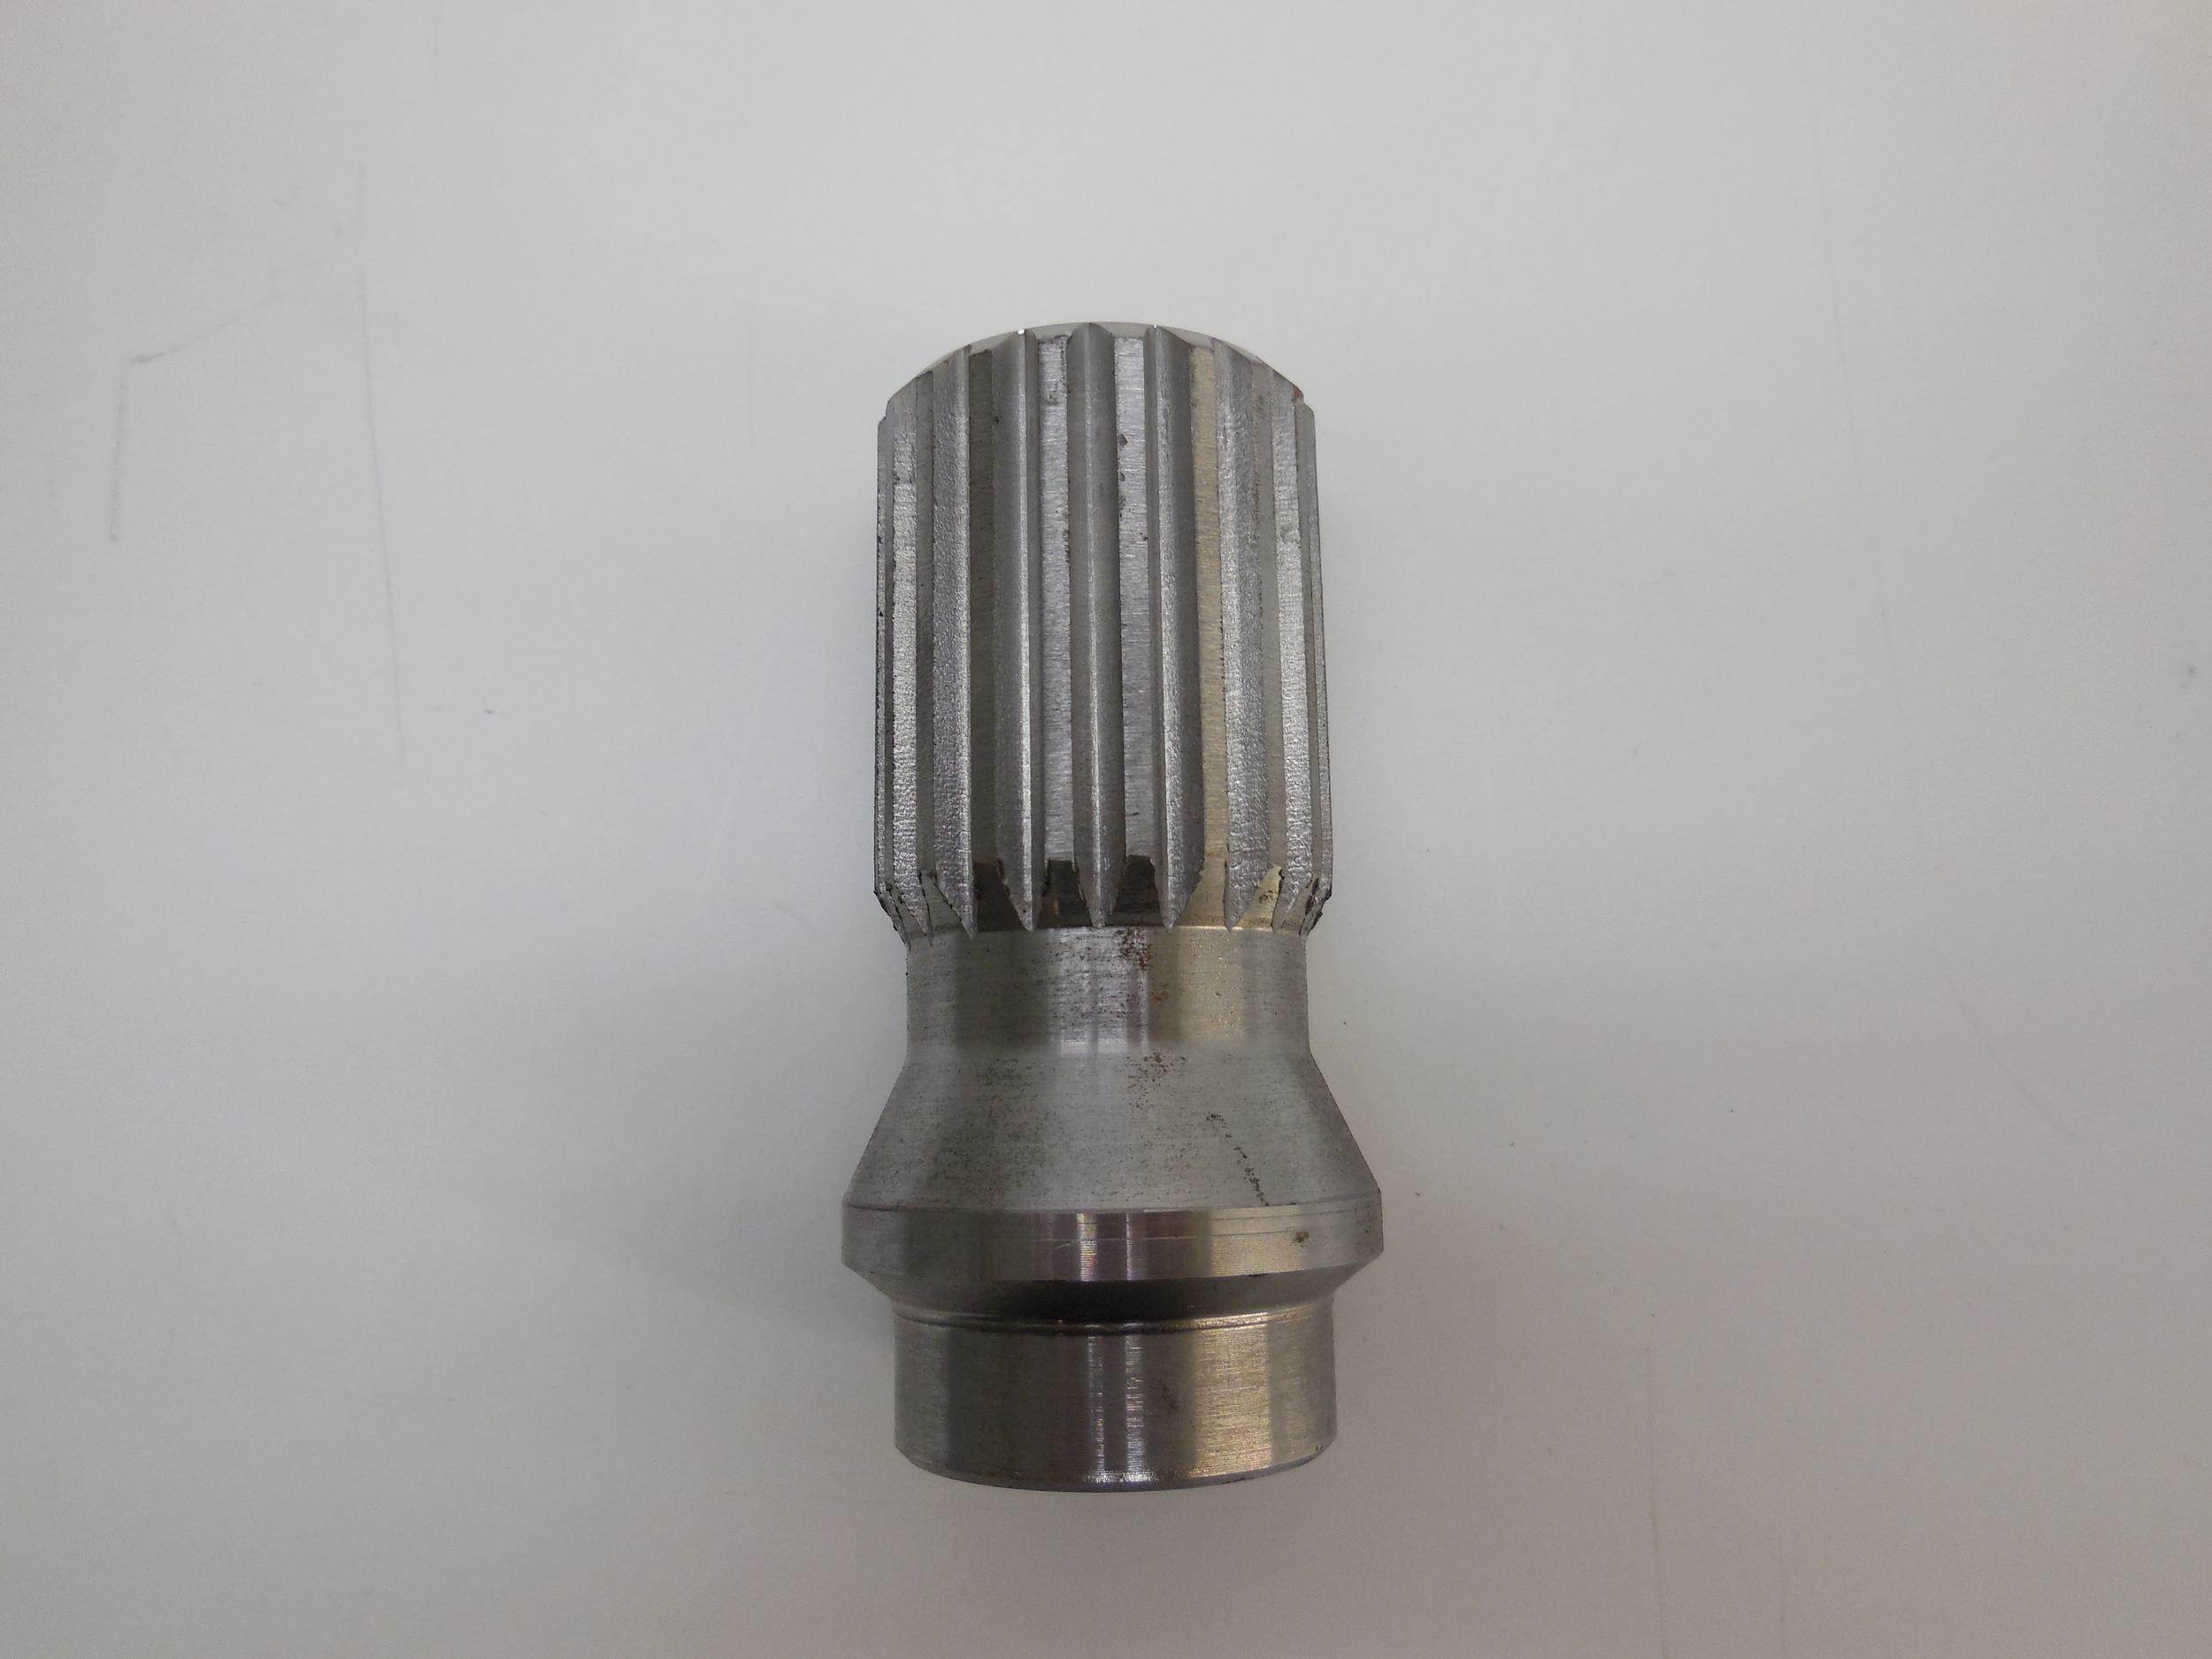 intermediate shaft repair kit price: 1020 sek